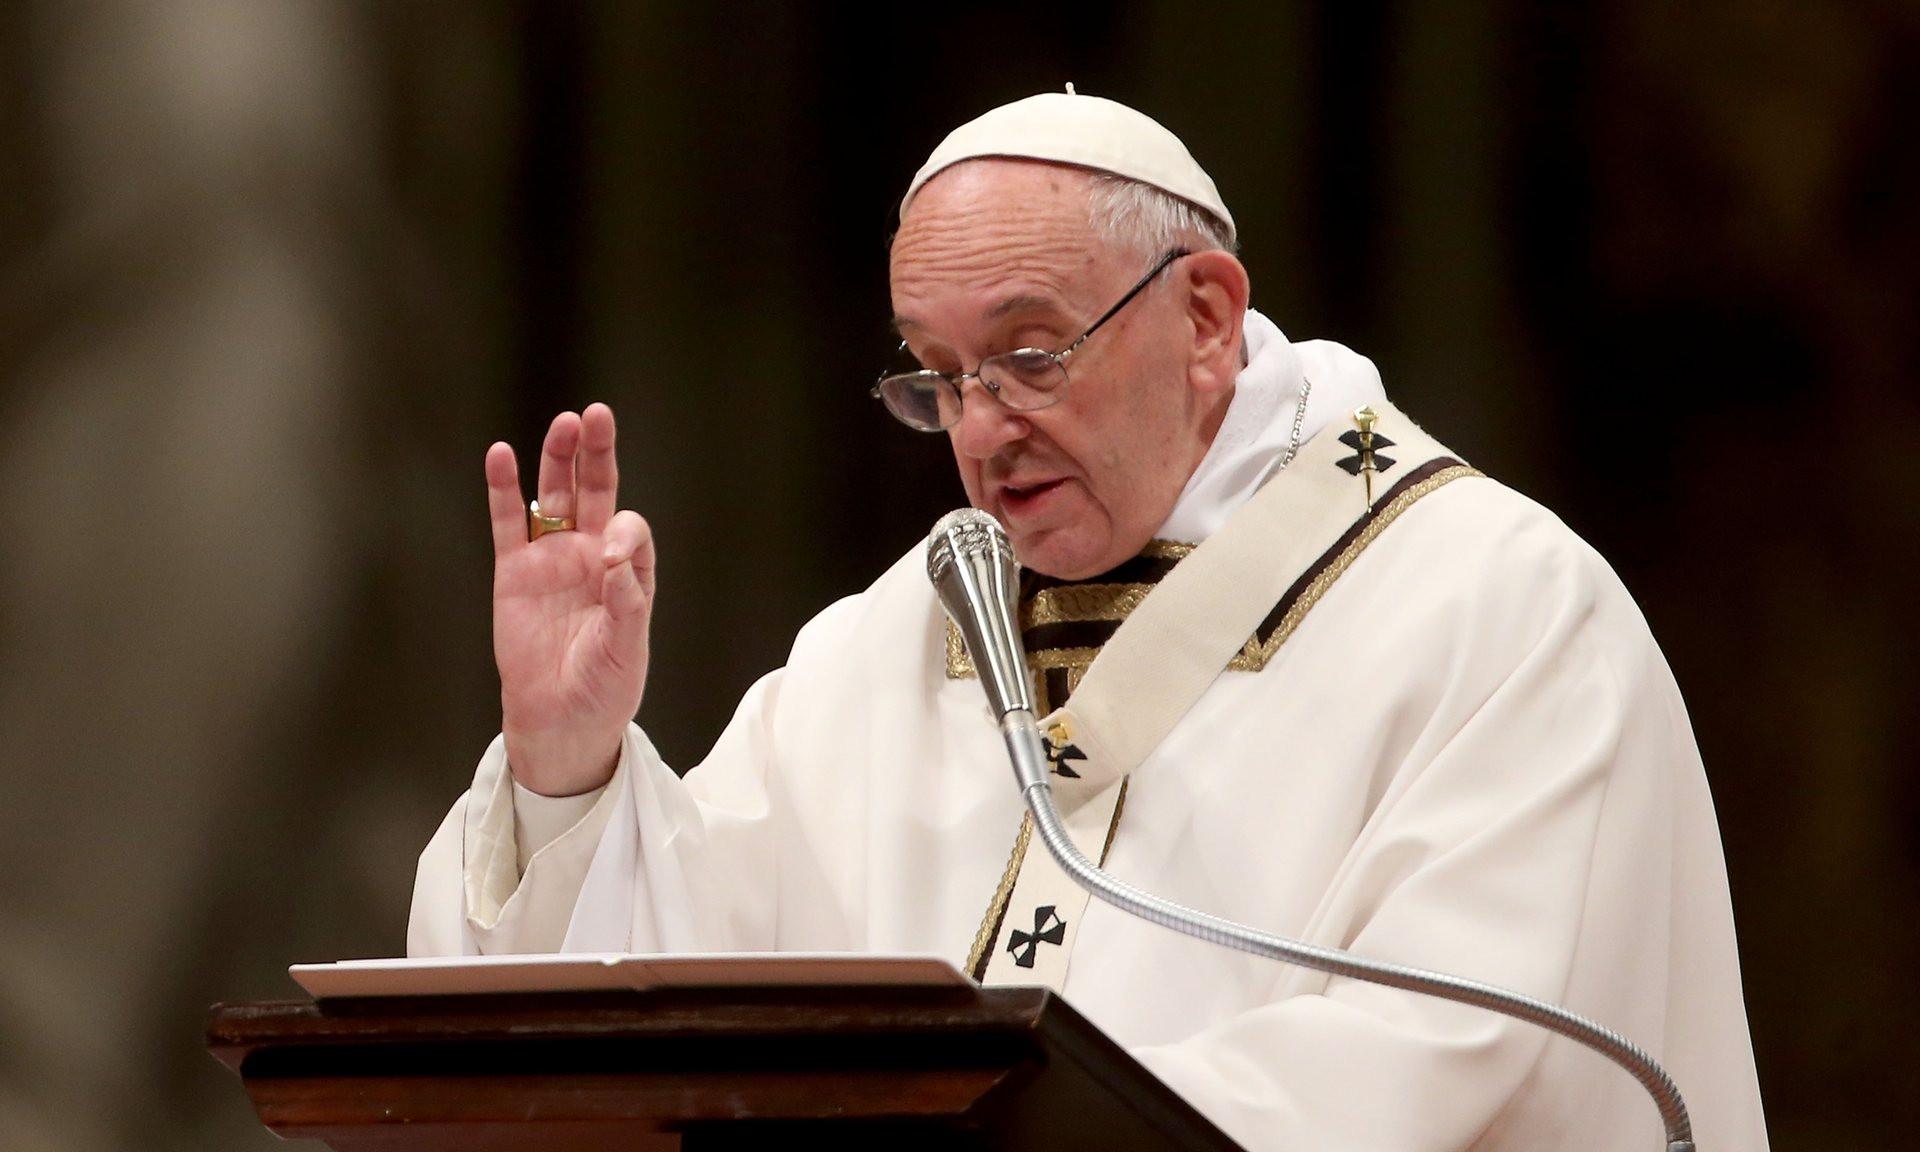 папа римский обратился традиционным рождественским посланием католическому миру